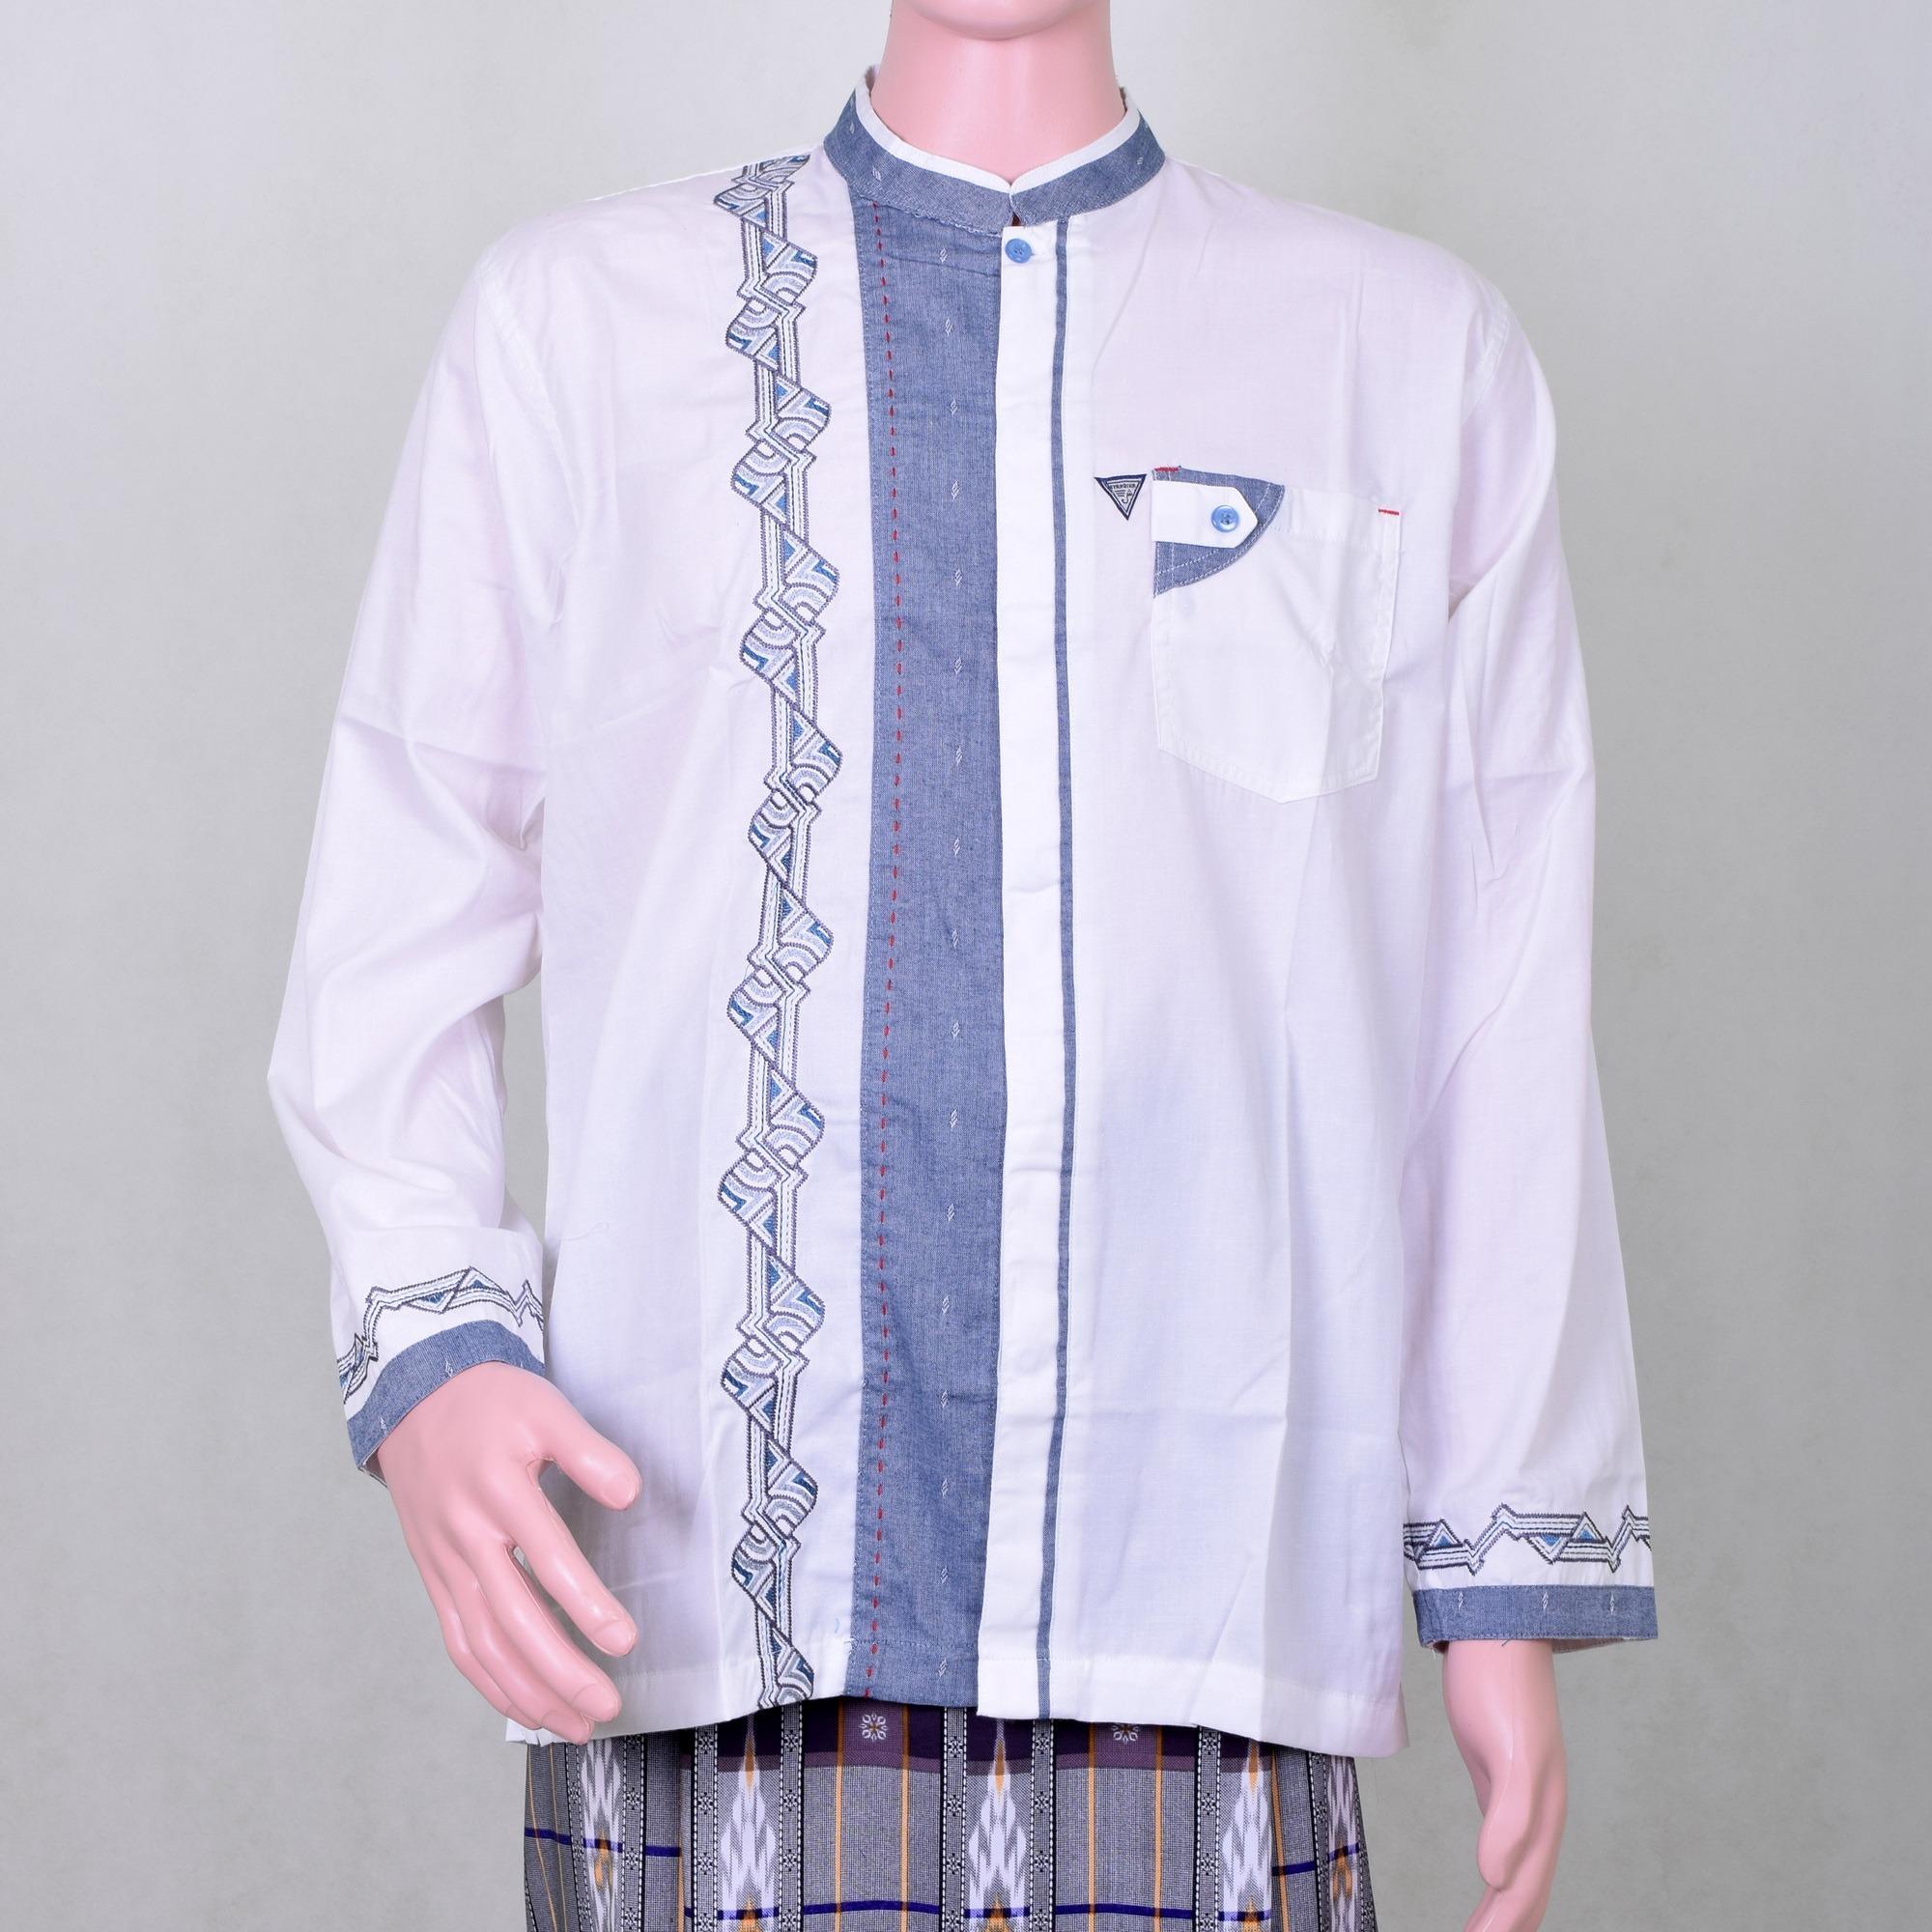 Baju Koko Pria Putih Tulang Kombinasi Biru Abu Abu Bordir Berkualitas Keren dan Berwibawa 5